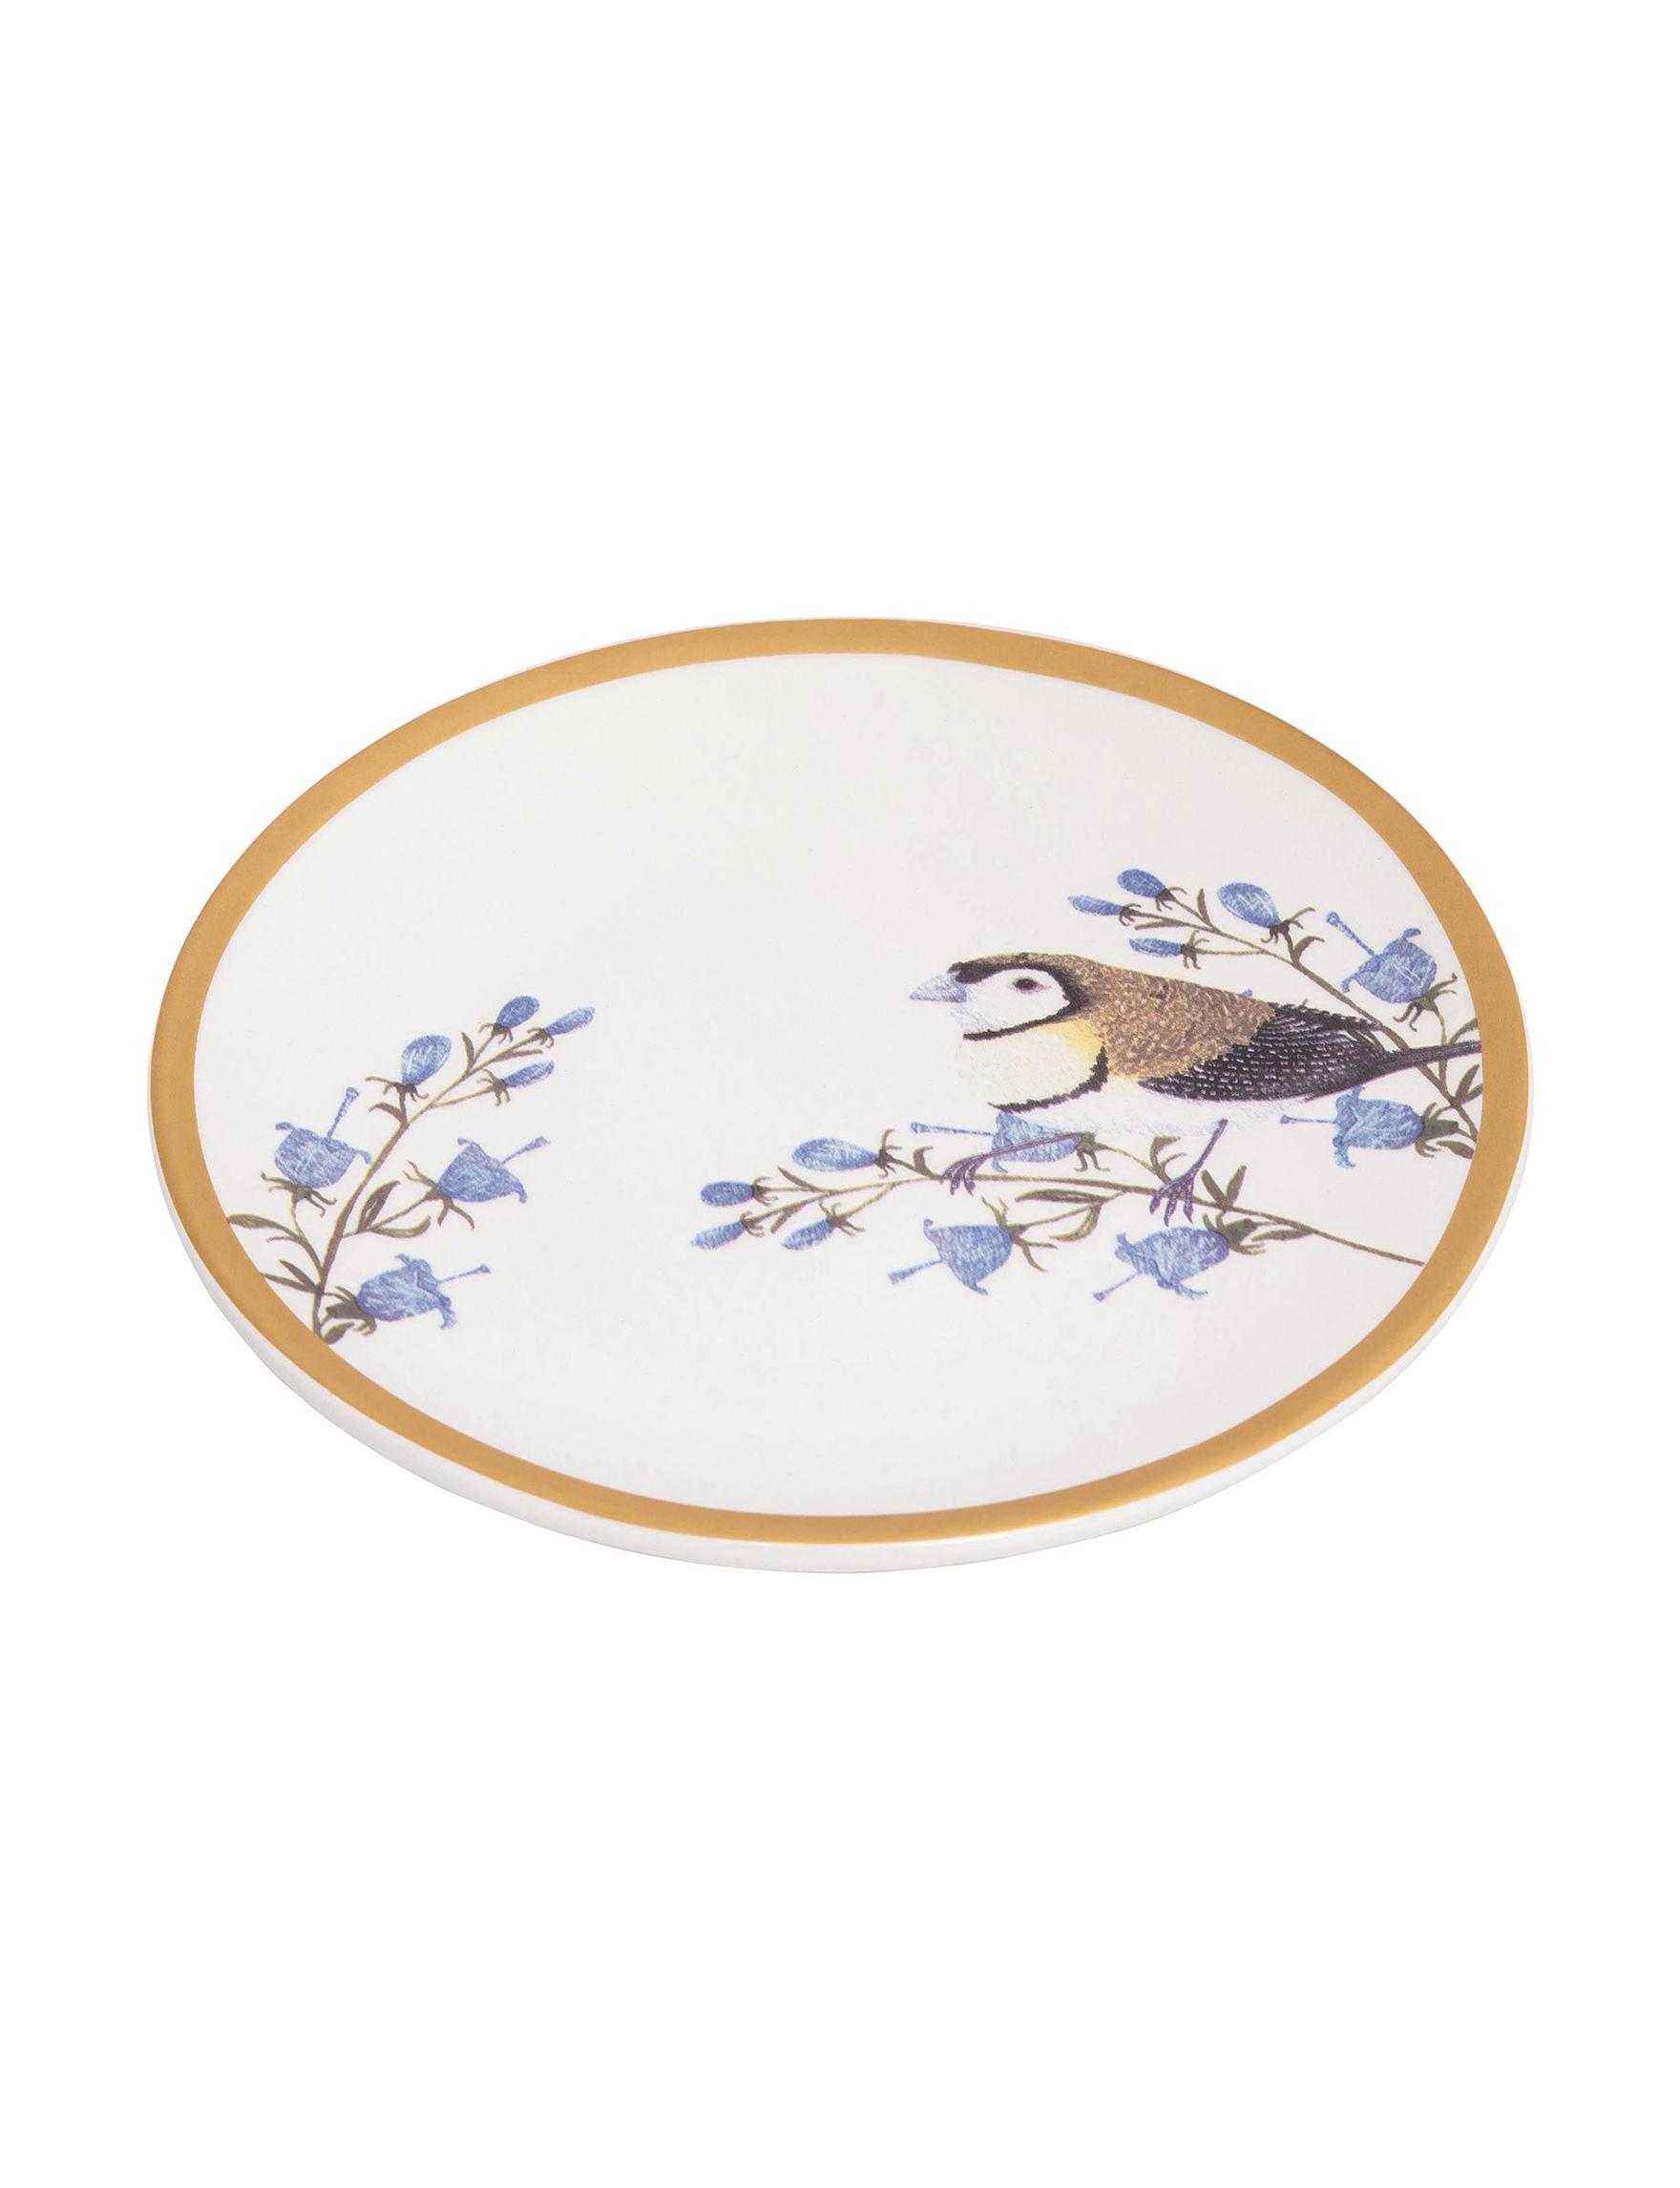 Transpac White Multi Plates Dinnerware